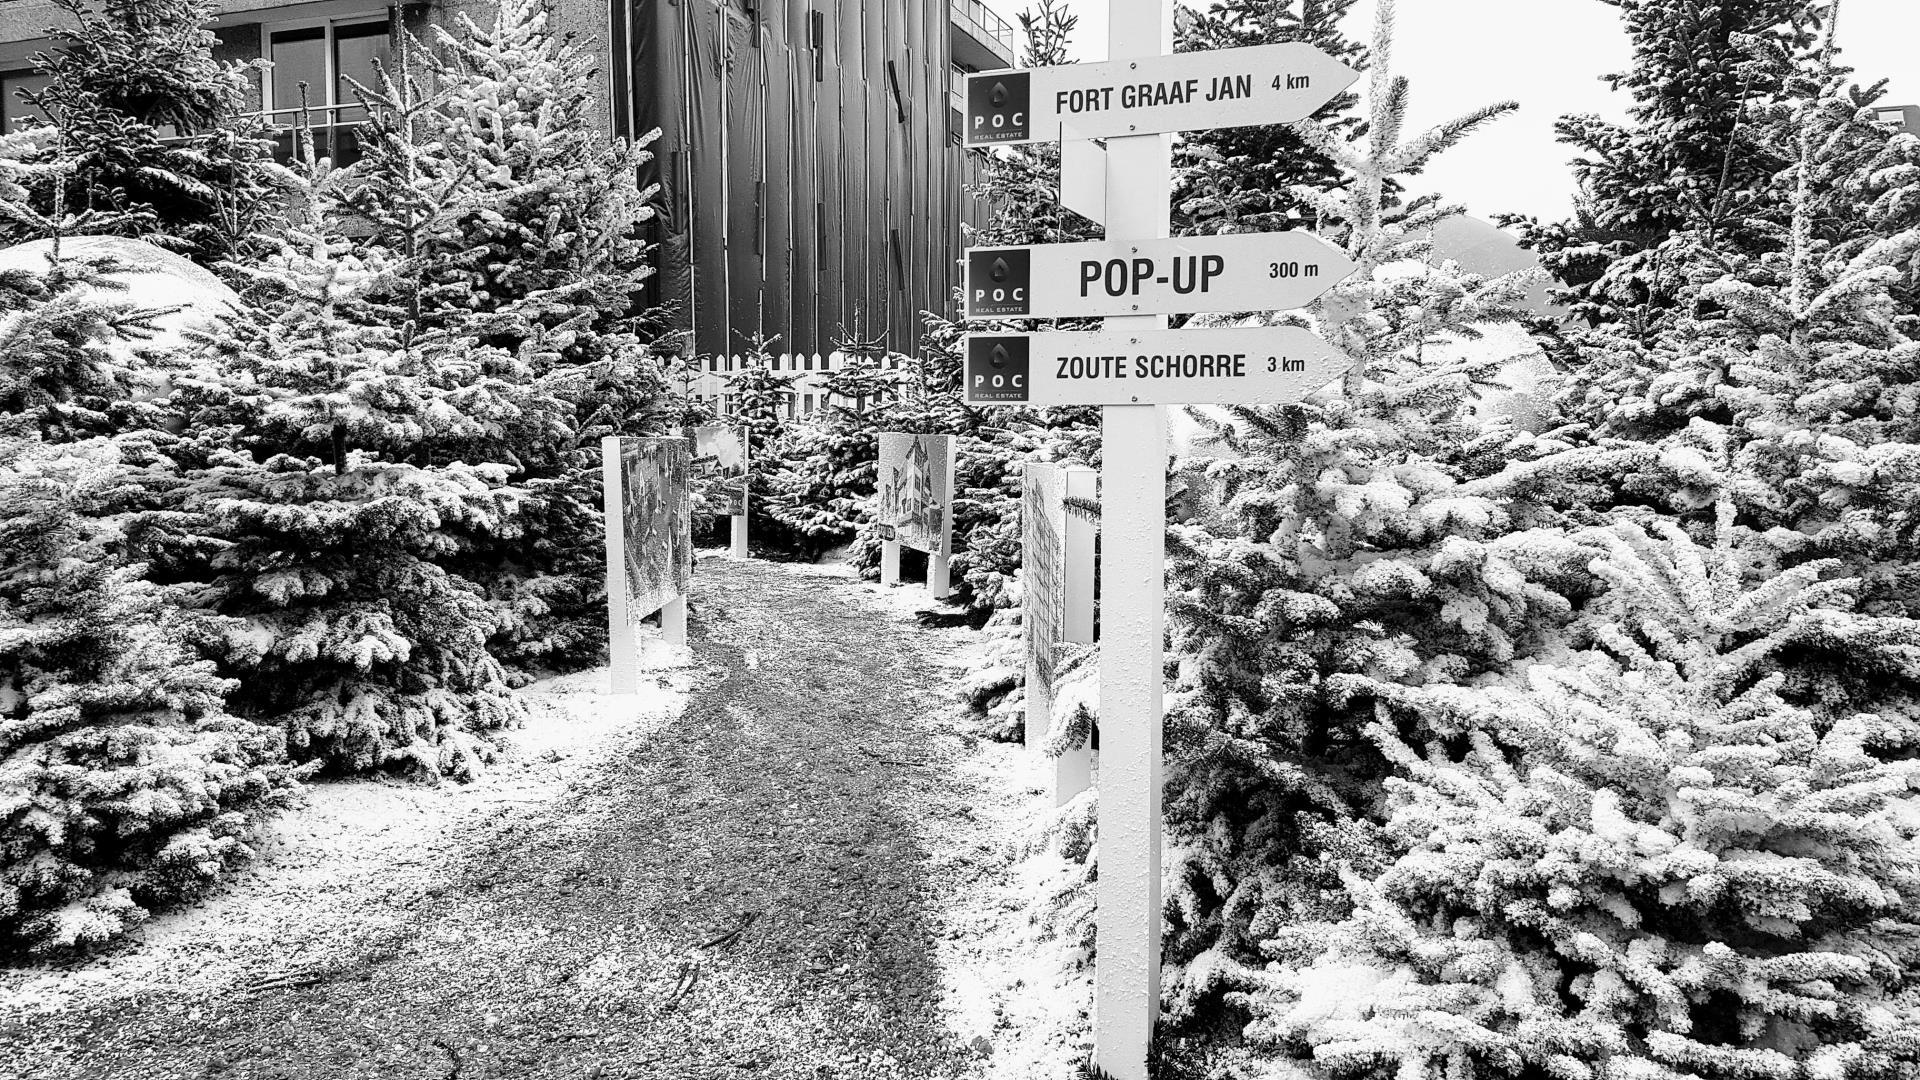 Papier sneeuw op kerstbomen